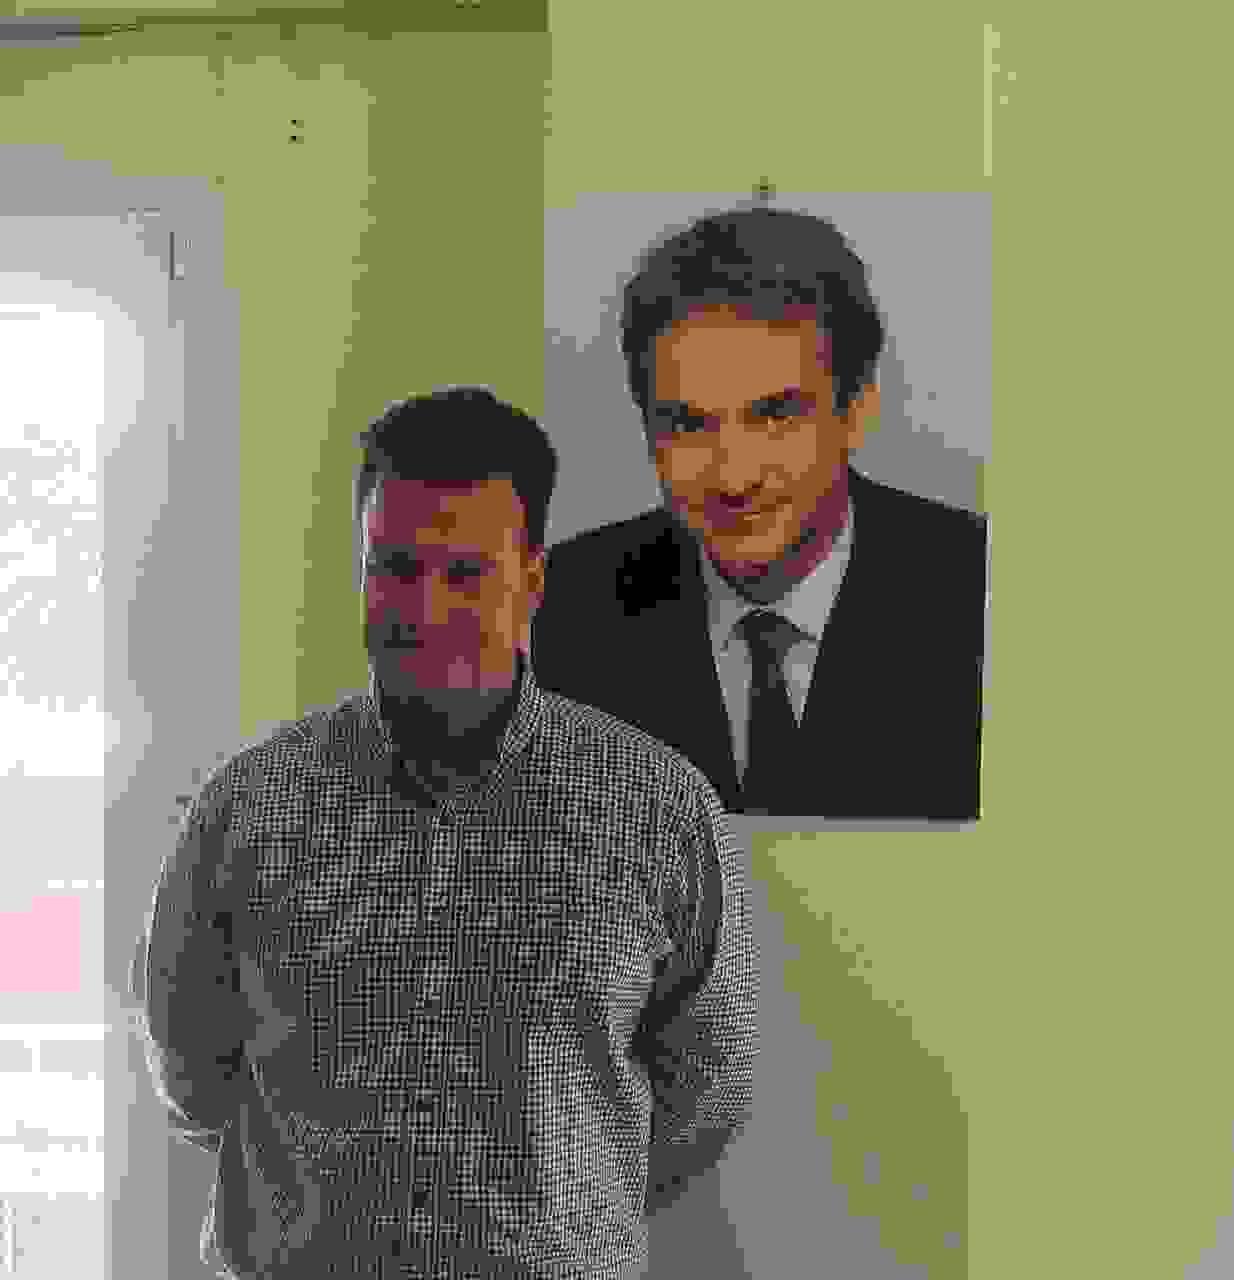 Τρία προβλήματα για τα οποία σιωπούν «ένοχα» οι τοπικοί εκπρόσωποι της συγκυβέρνησης ΣΥΡΙΖΑ-ΑΝΕΛ